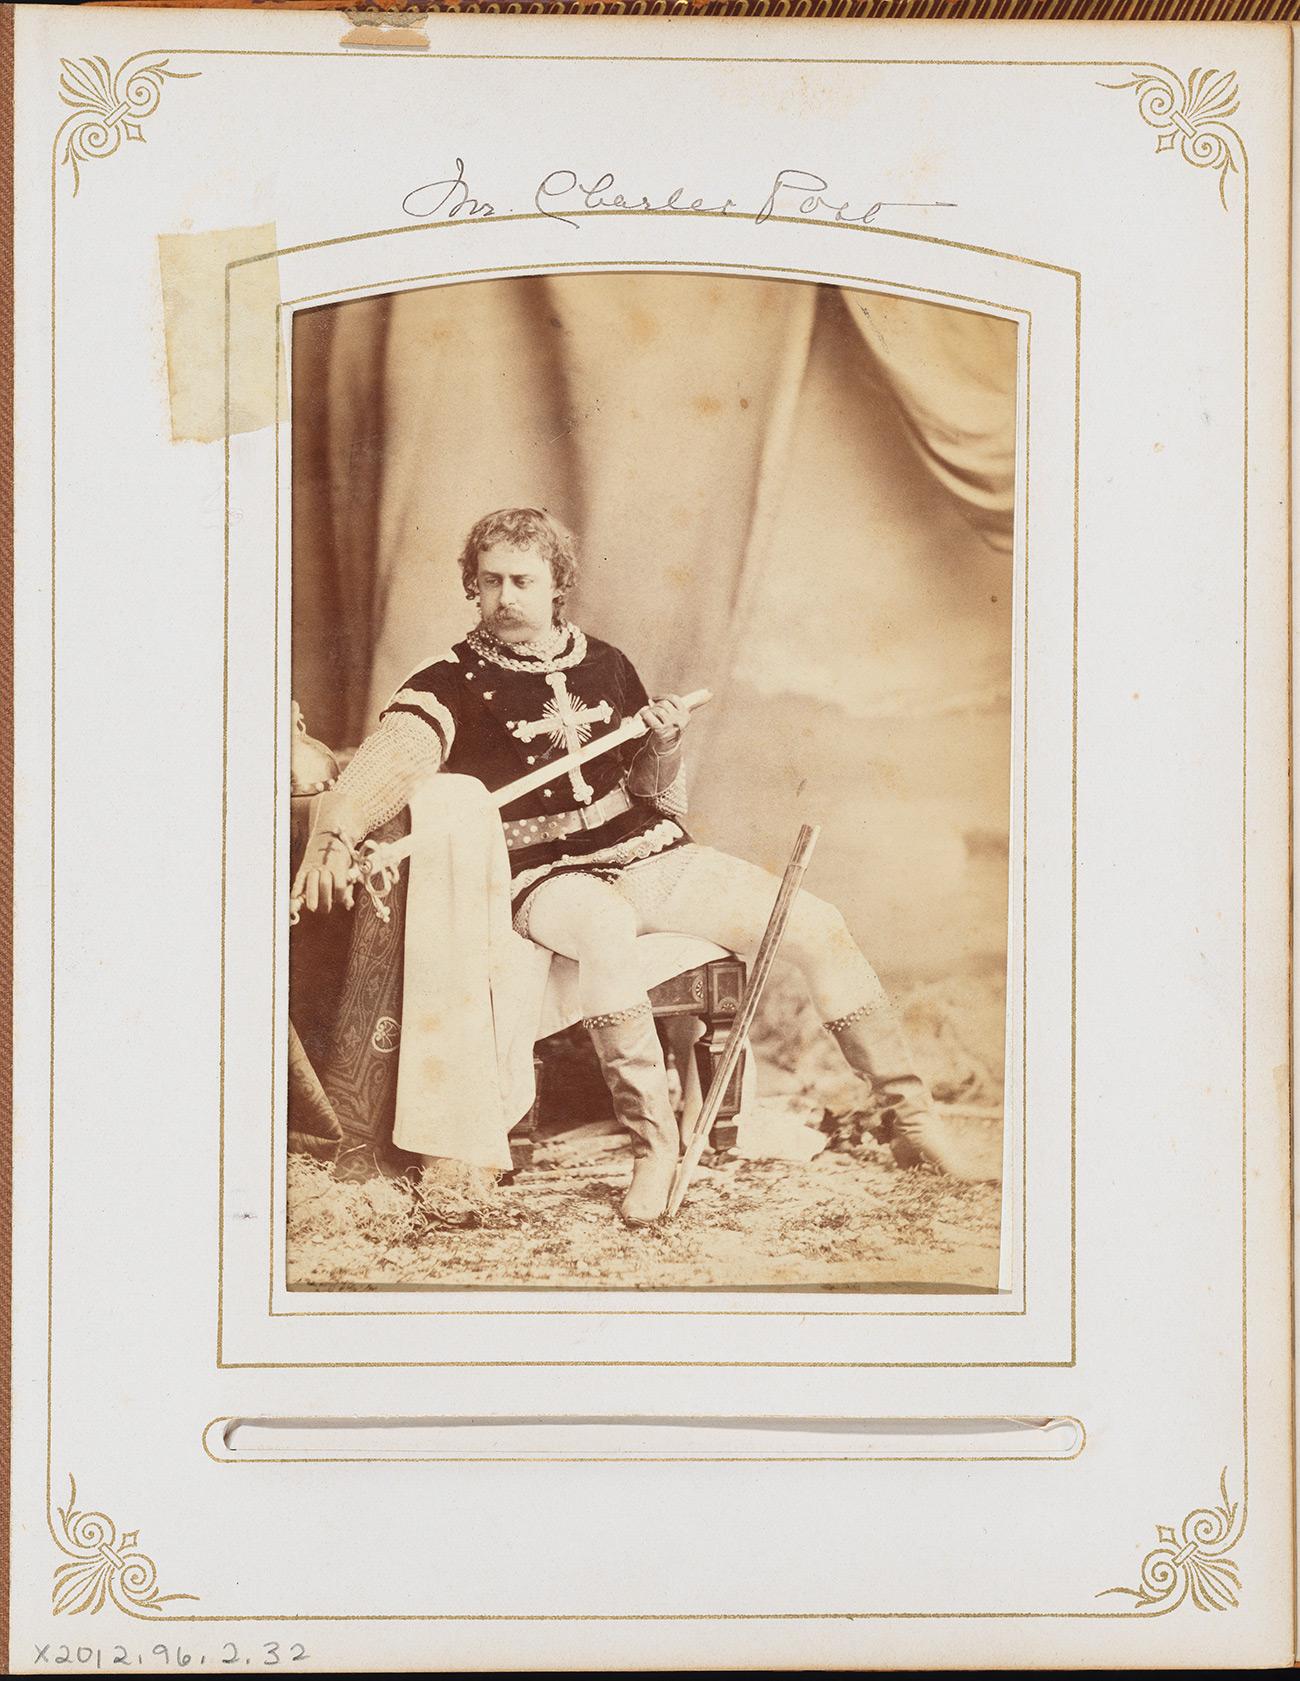 モーラ(1849年)。 チャールズ・ロス氏。